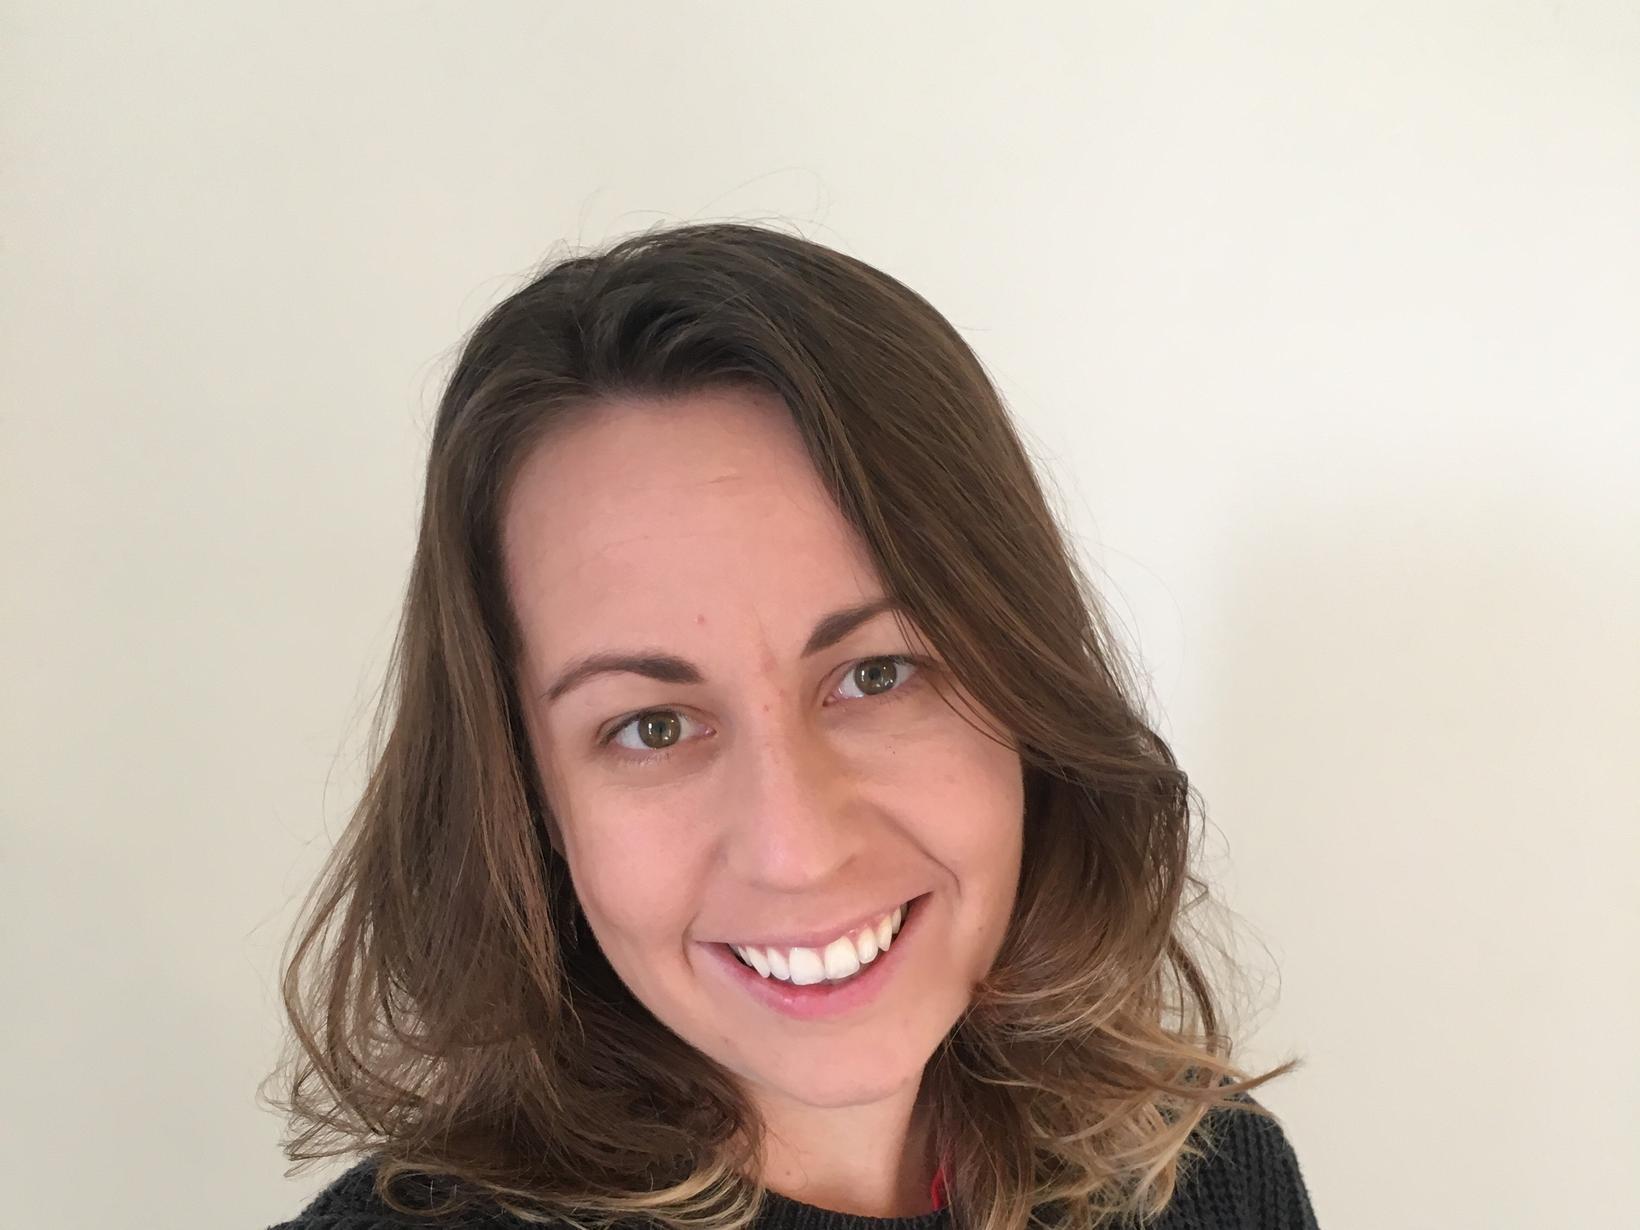 Susie from Brisbane, Queensland, Australia